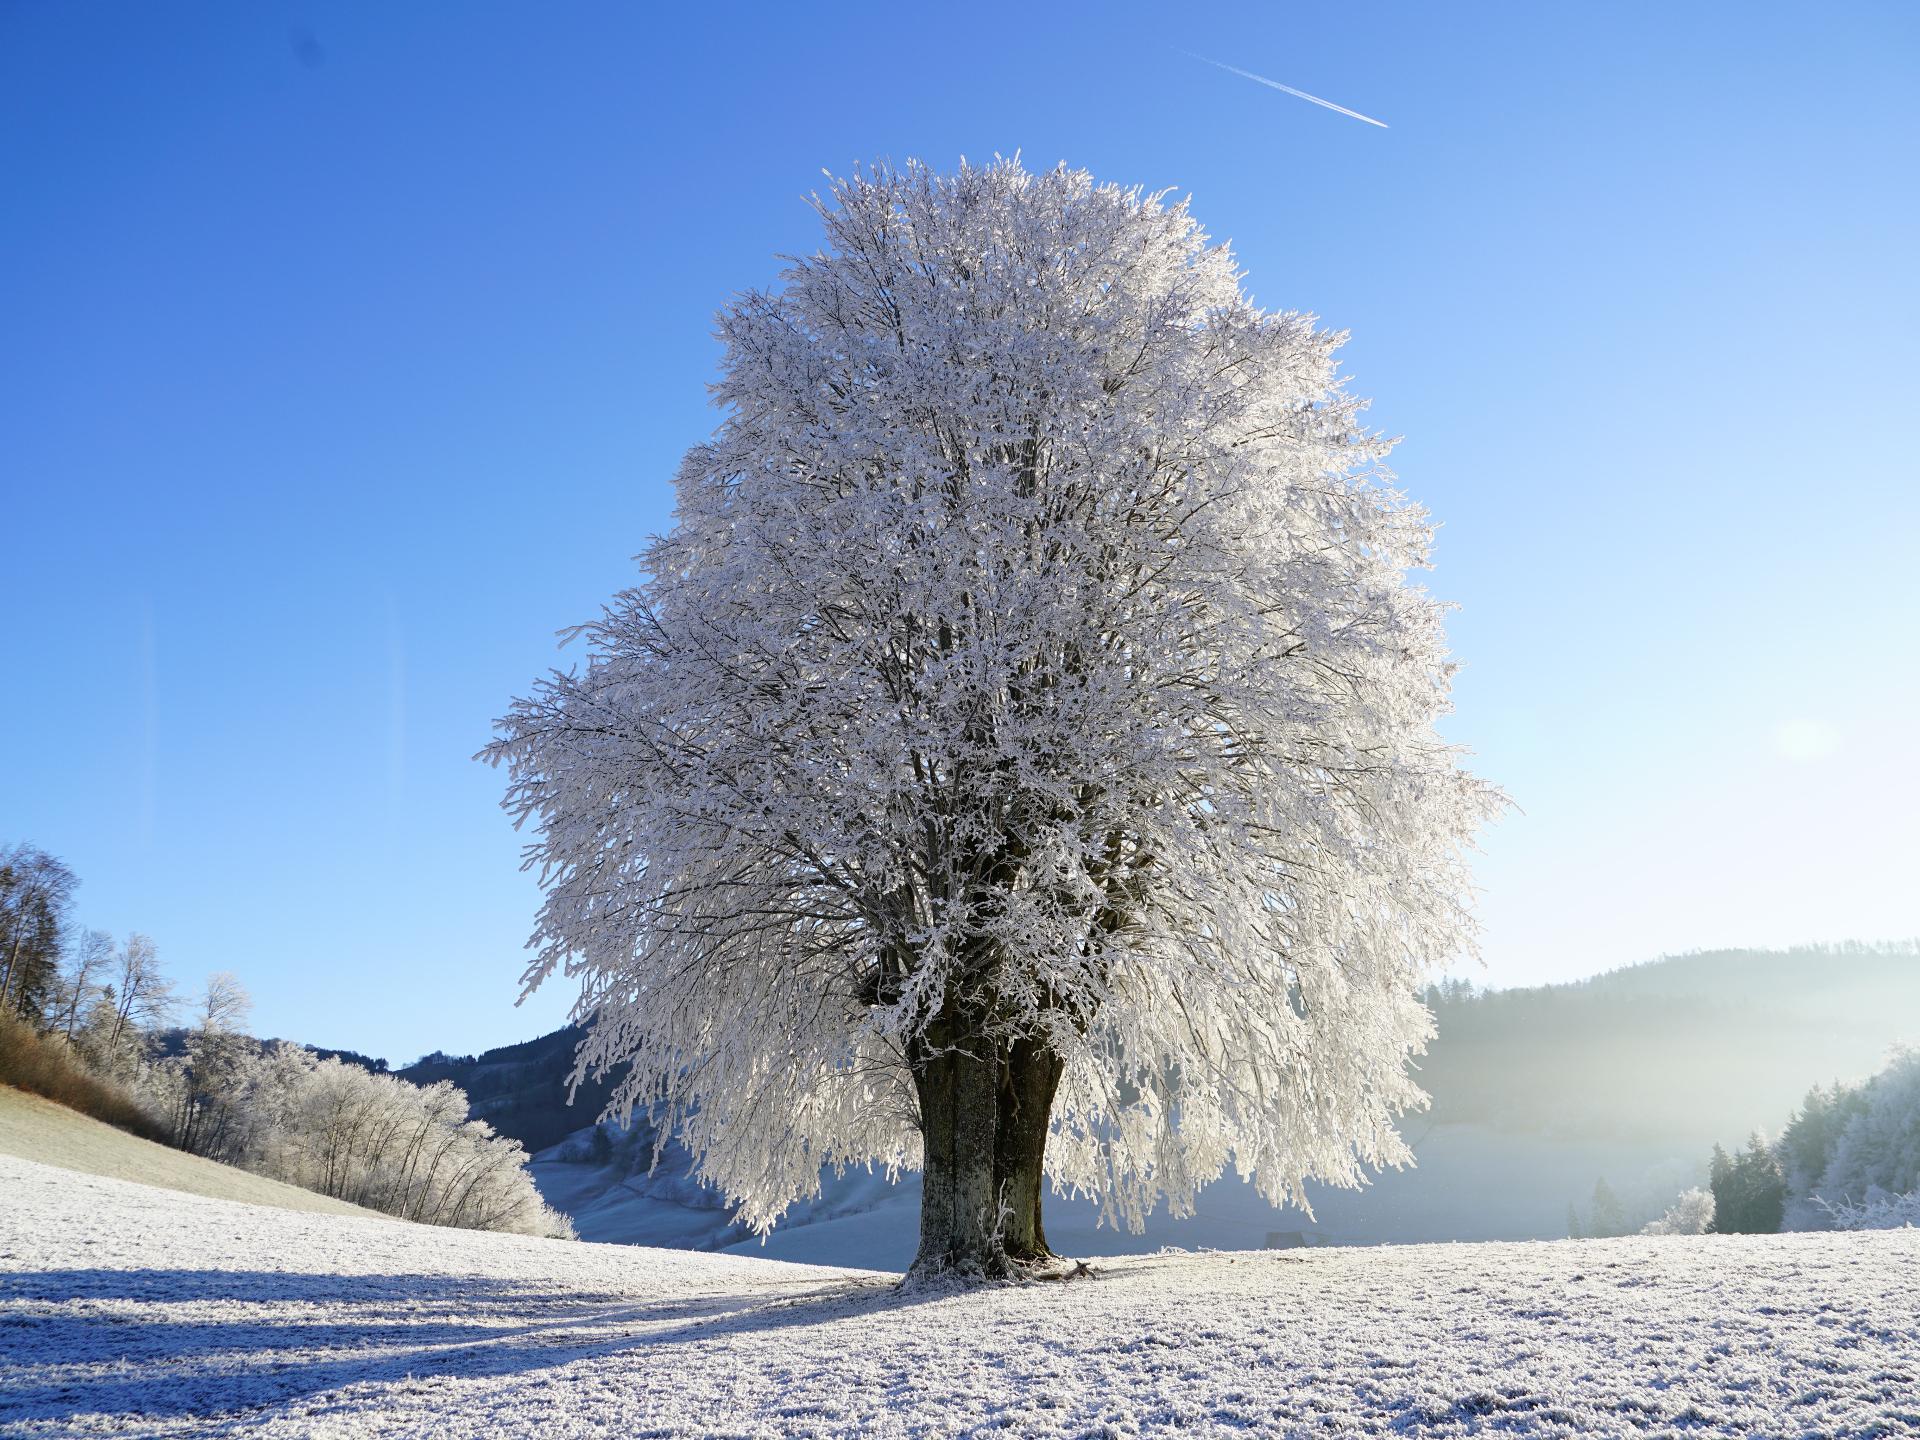 Obwohl viele Bäume sehr exponiert stehen, haben sie dennoch eine Methode gefunden, gut zu überwintern. - Photocredit: pixabay.com/Hans